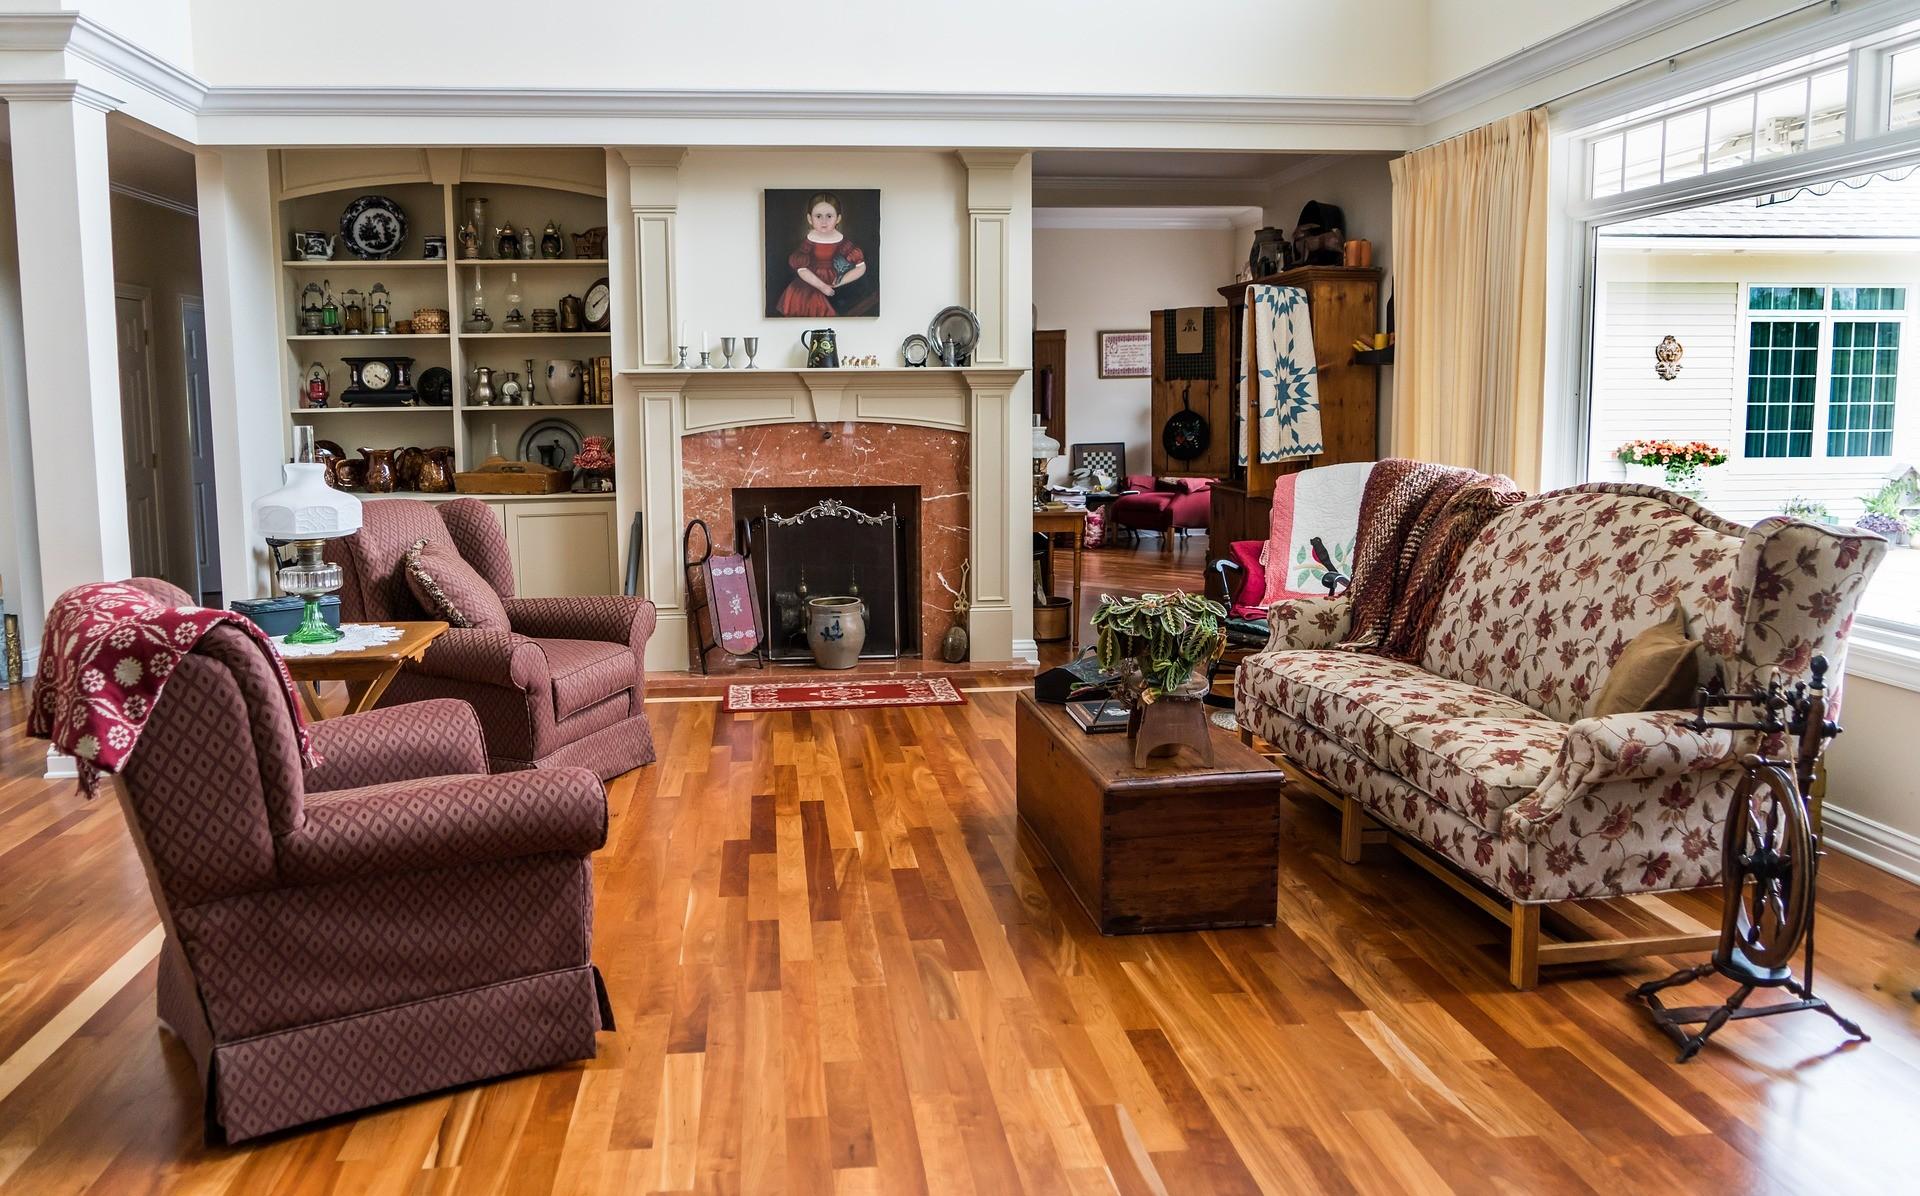 k significa living room en español Living Room: k significa living room en español. ANY INTERIOR  1196 X 1920